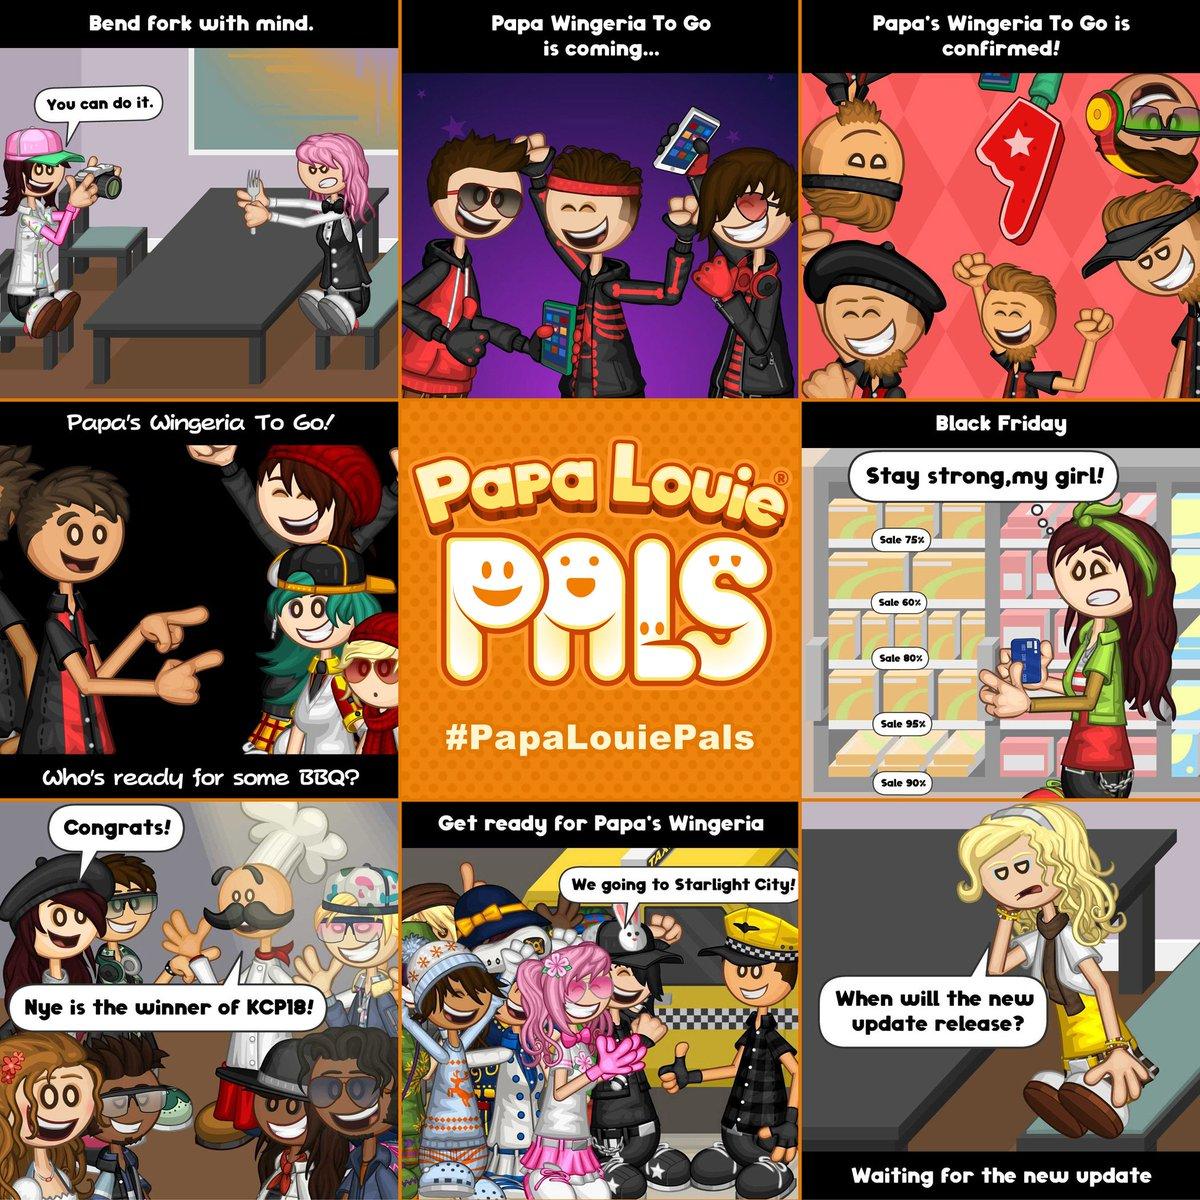 Flipline Studios On Twitter Papa Louie Pals Scenes And A Preview Https T Co 82ju2aez9b Papalouiepals